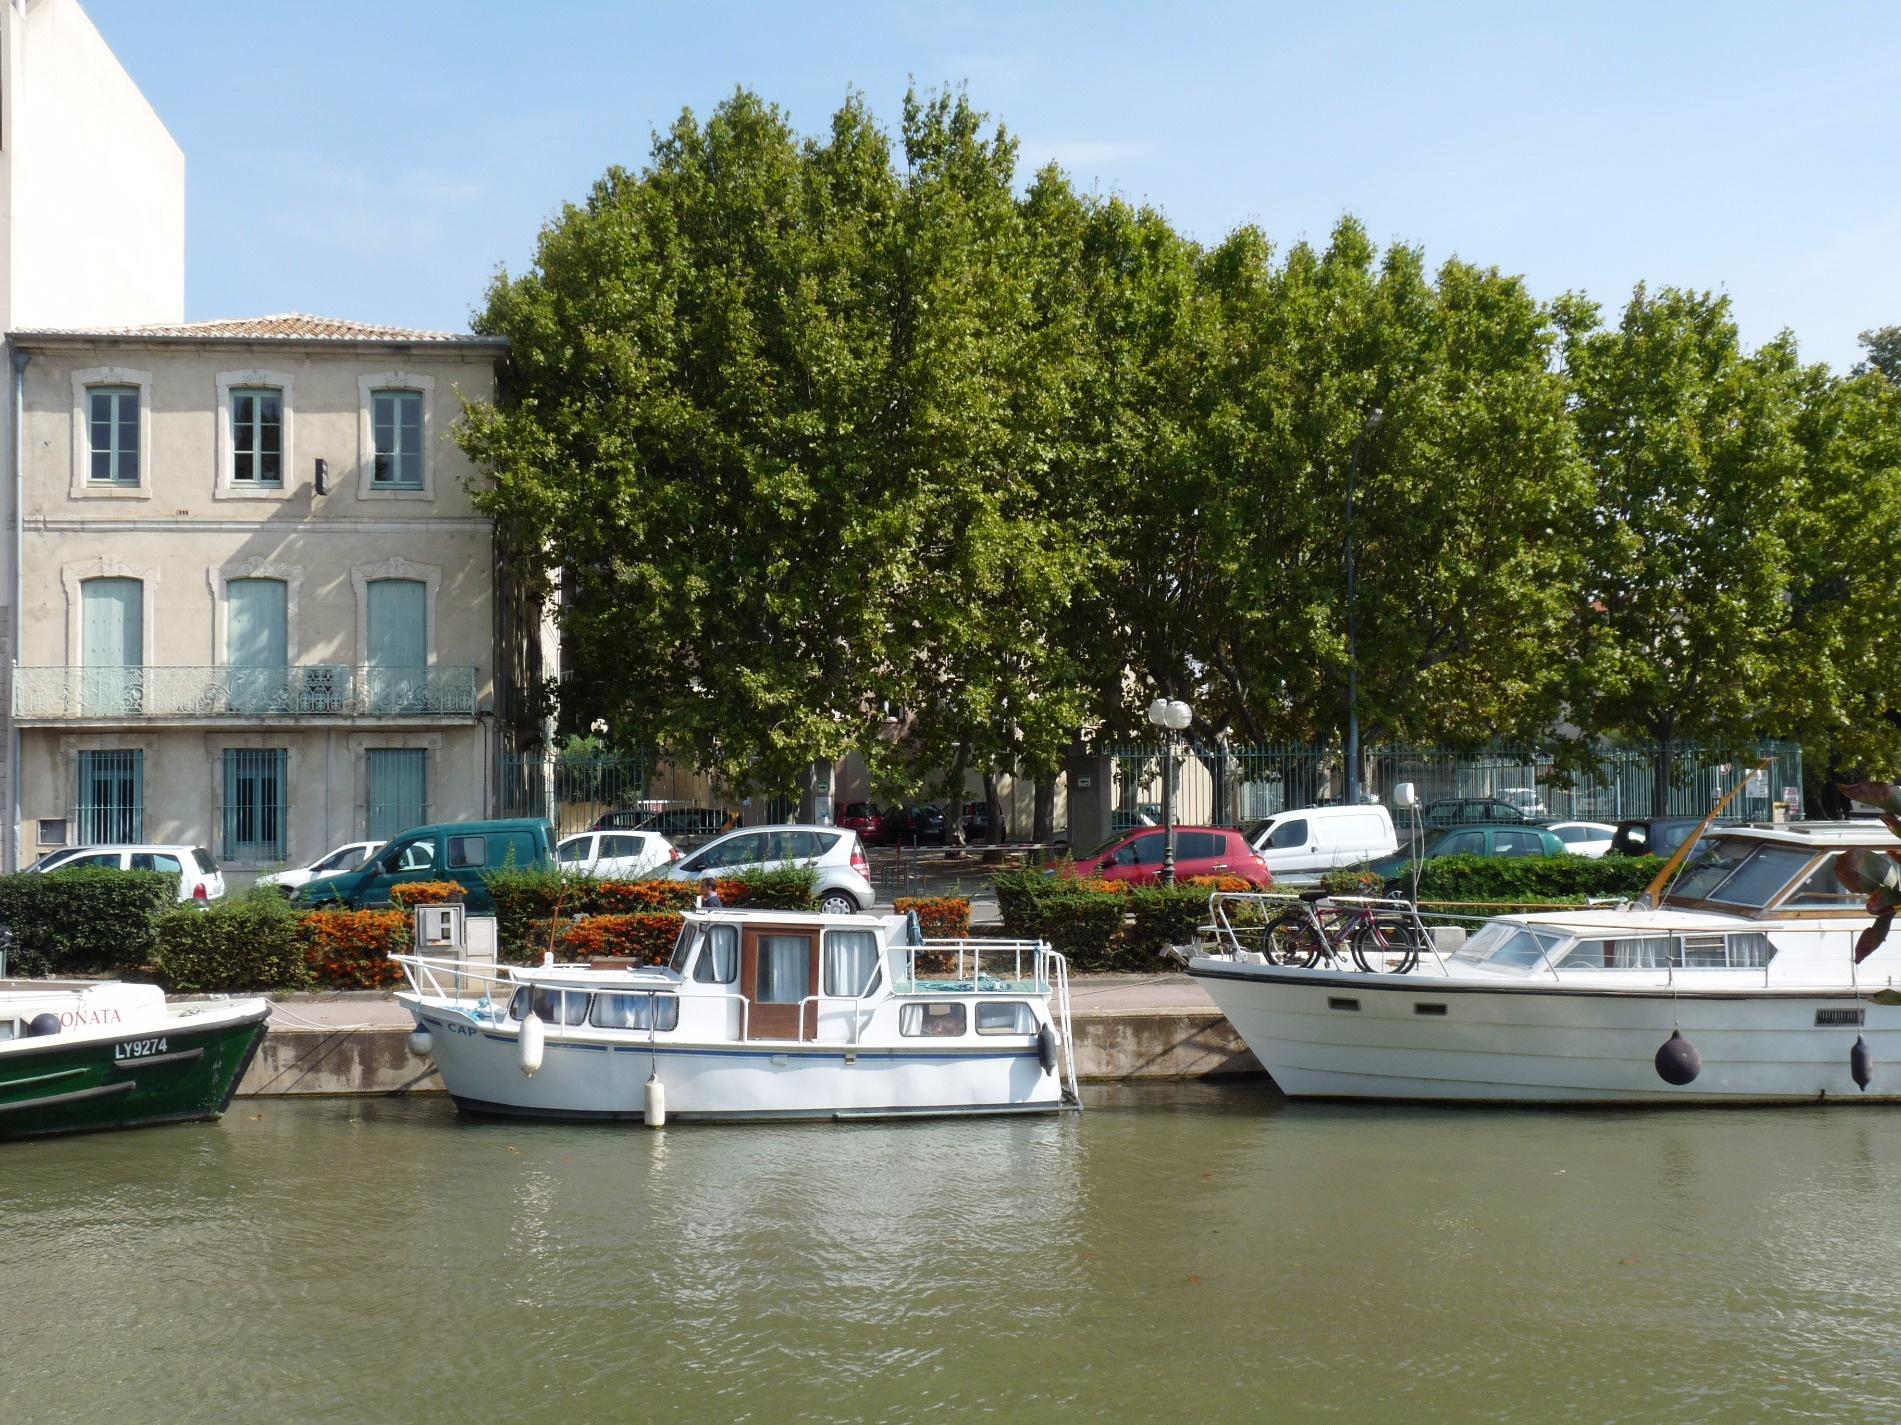 Location immobilier professionnel a louer port la nouvelle en plage bureau au 1er etage face - Code postal port la nouvelle ...